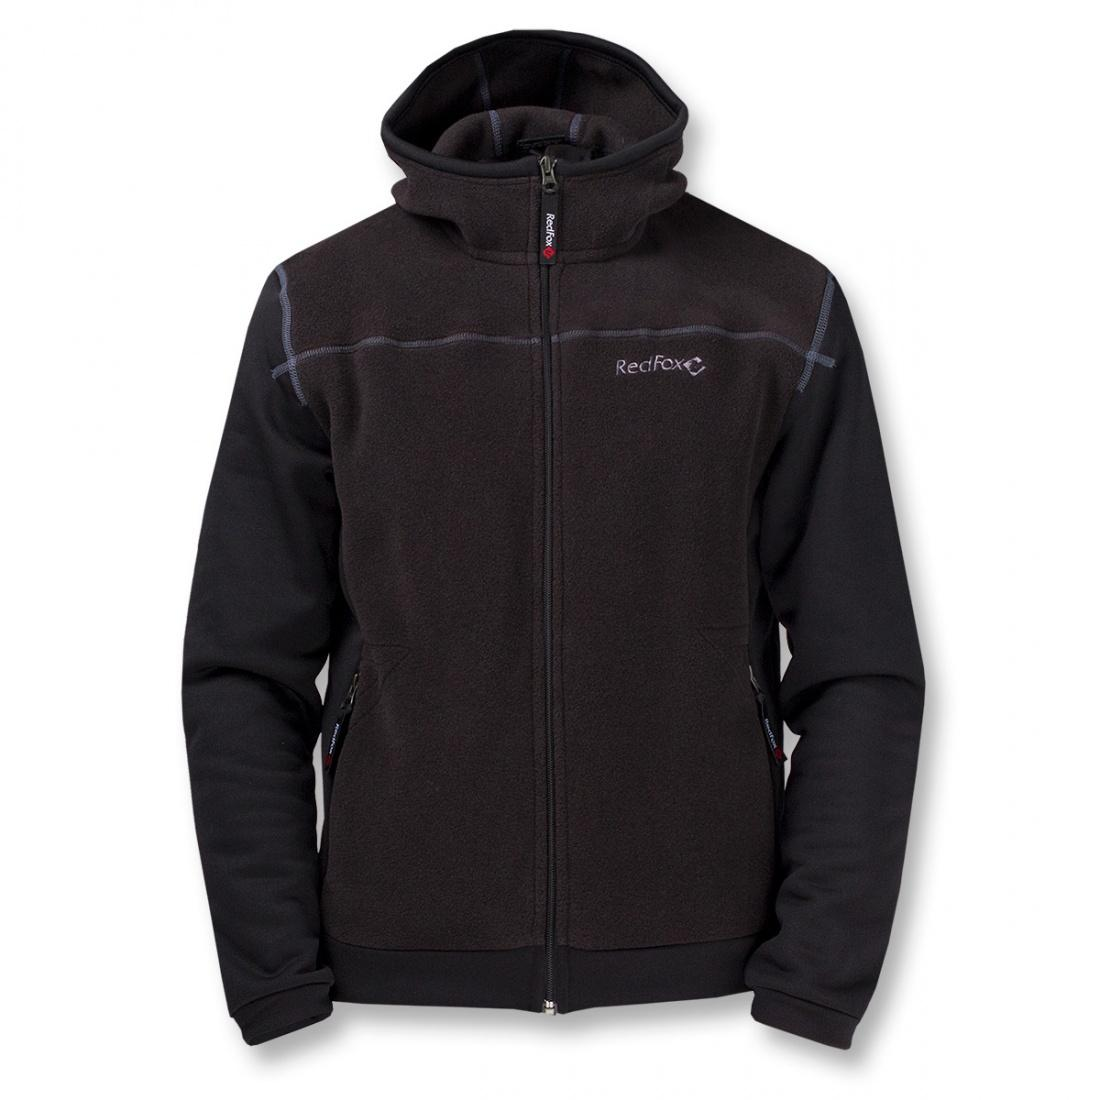 Куртка Dream МужскаяКуртки<br><br> Городская теплая куртка, выполненная из комбинацииматериалов Polartec® 200 и Polartec® Power Stretch®Pro™. Можно использовать в качестве наружной ку...<br><br>Цвет: Черный<br>Размер: 46